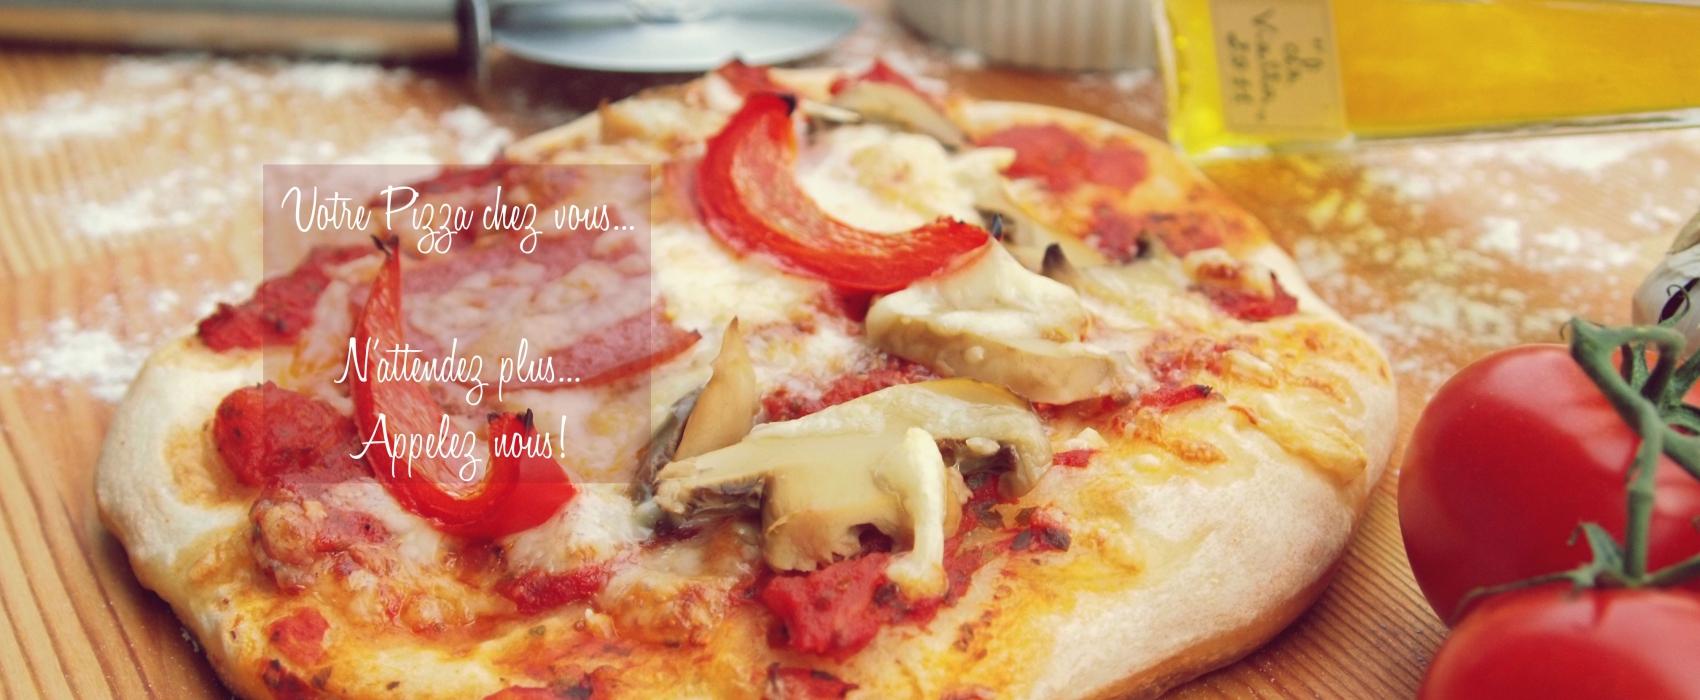 pizza-slide